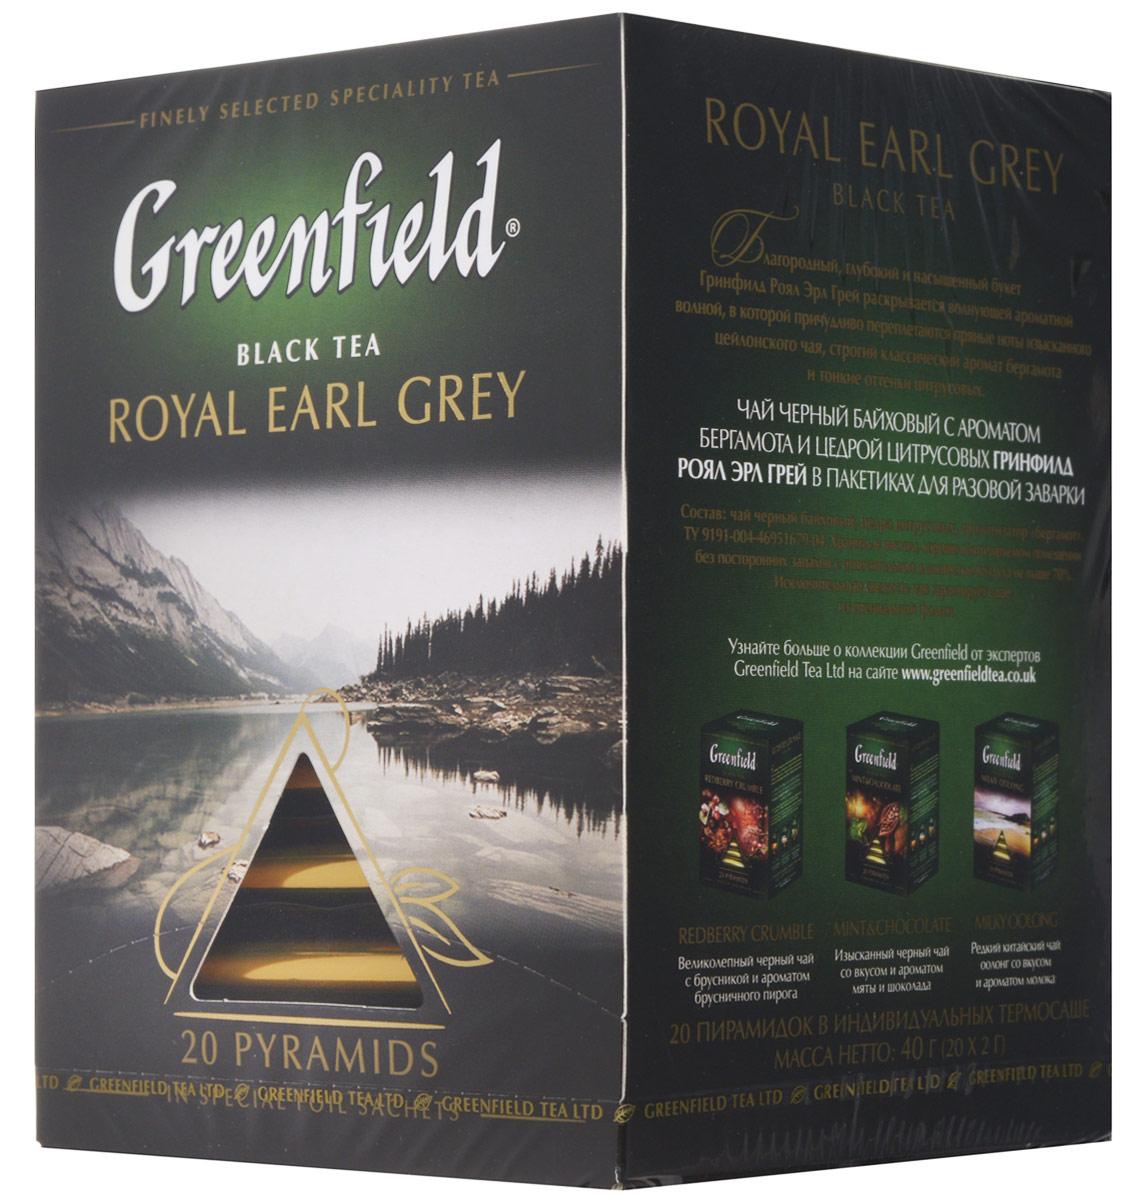 Greenfield Royal Earl Grey черный чай в пирамидках, 20 шт0900-08Благородный, глубокий и насыщенный букет Greenfield Royal Earl Grey раскрывается волнующей ароматной волной, в которой причудливо переплетаются пряные ноты изысканного цейлонского чая, строгий классический аромат бергамота и тонкие оттенки цитрусовых.